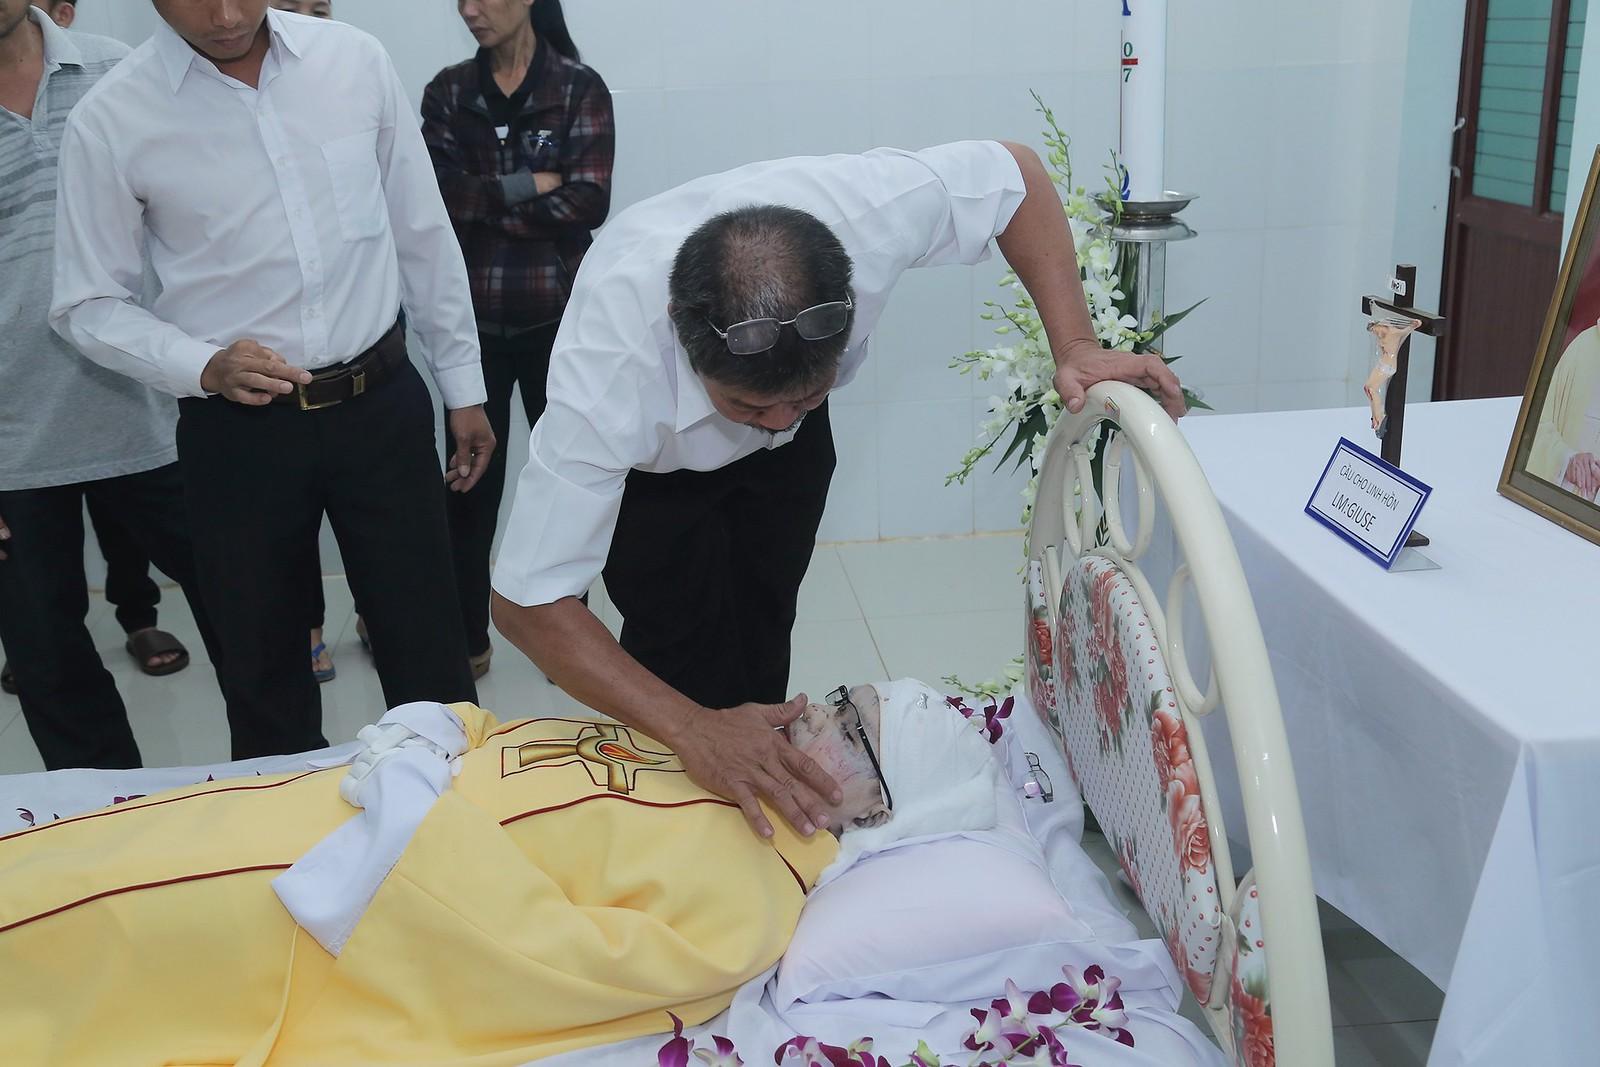 Cầu nguyện cho linh hồn Cha Giuse Đặng Đình An, Cha qua đời vì tai nạn giao thông - Ảnh minh hoạ 8